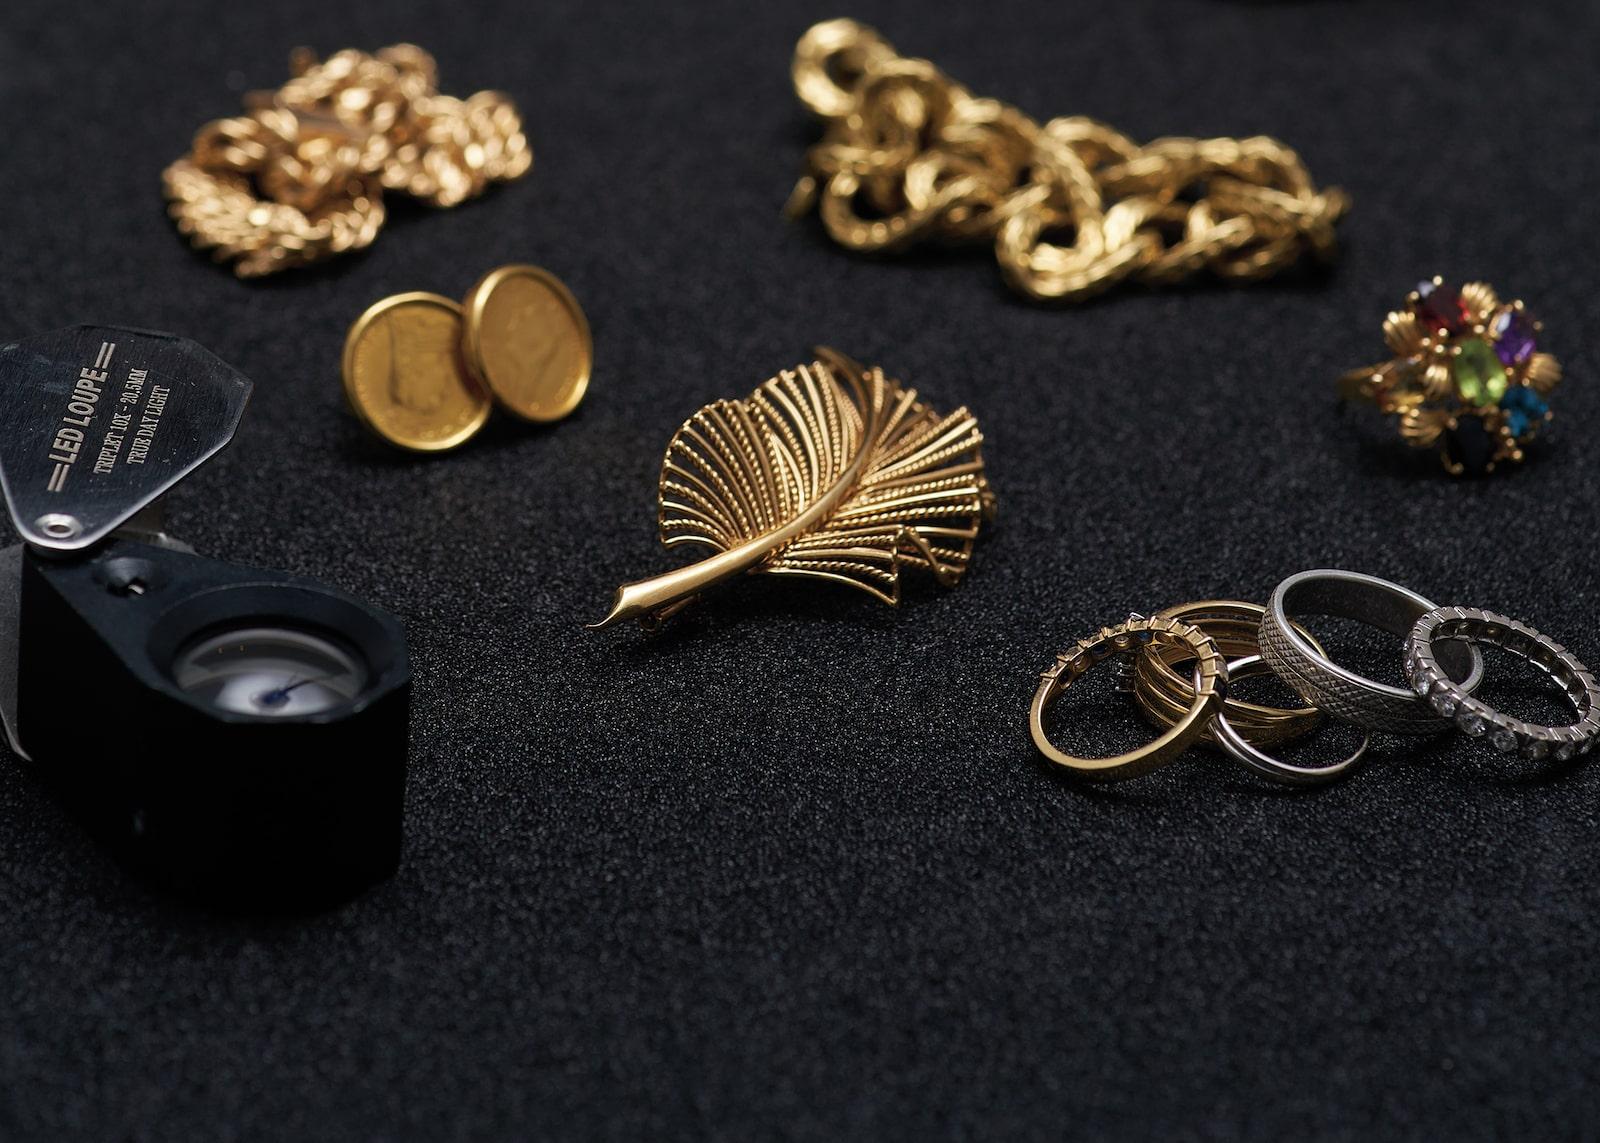 Revente et achat d'or et d'argent à Bordeaux